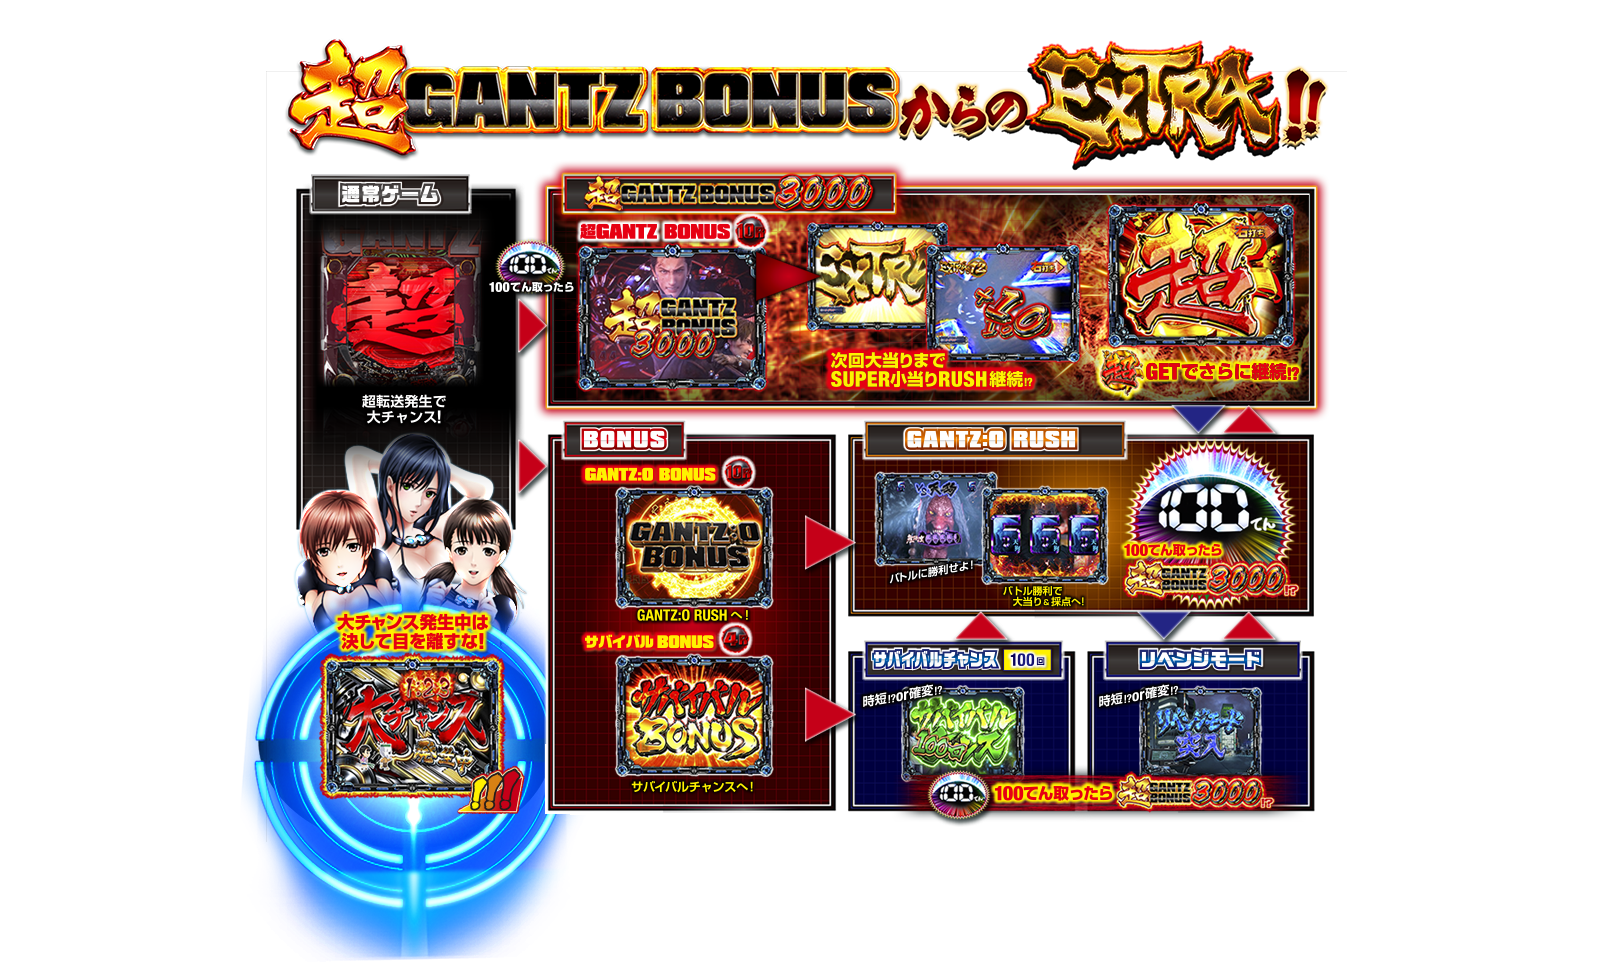 GANTZ2 オッケー ゲームフロー